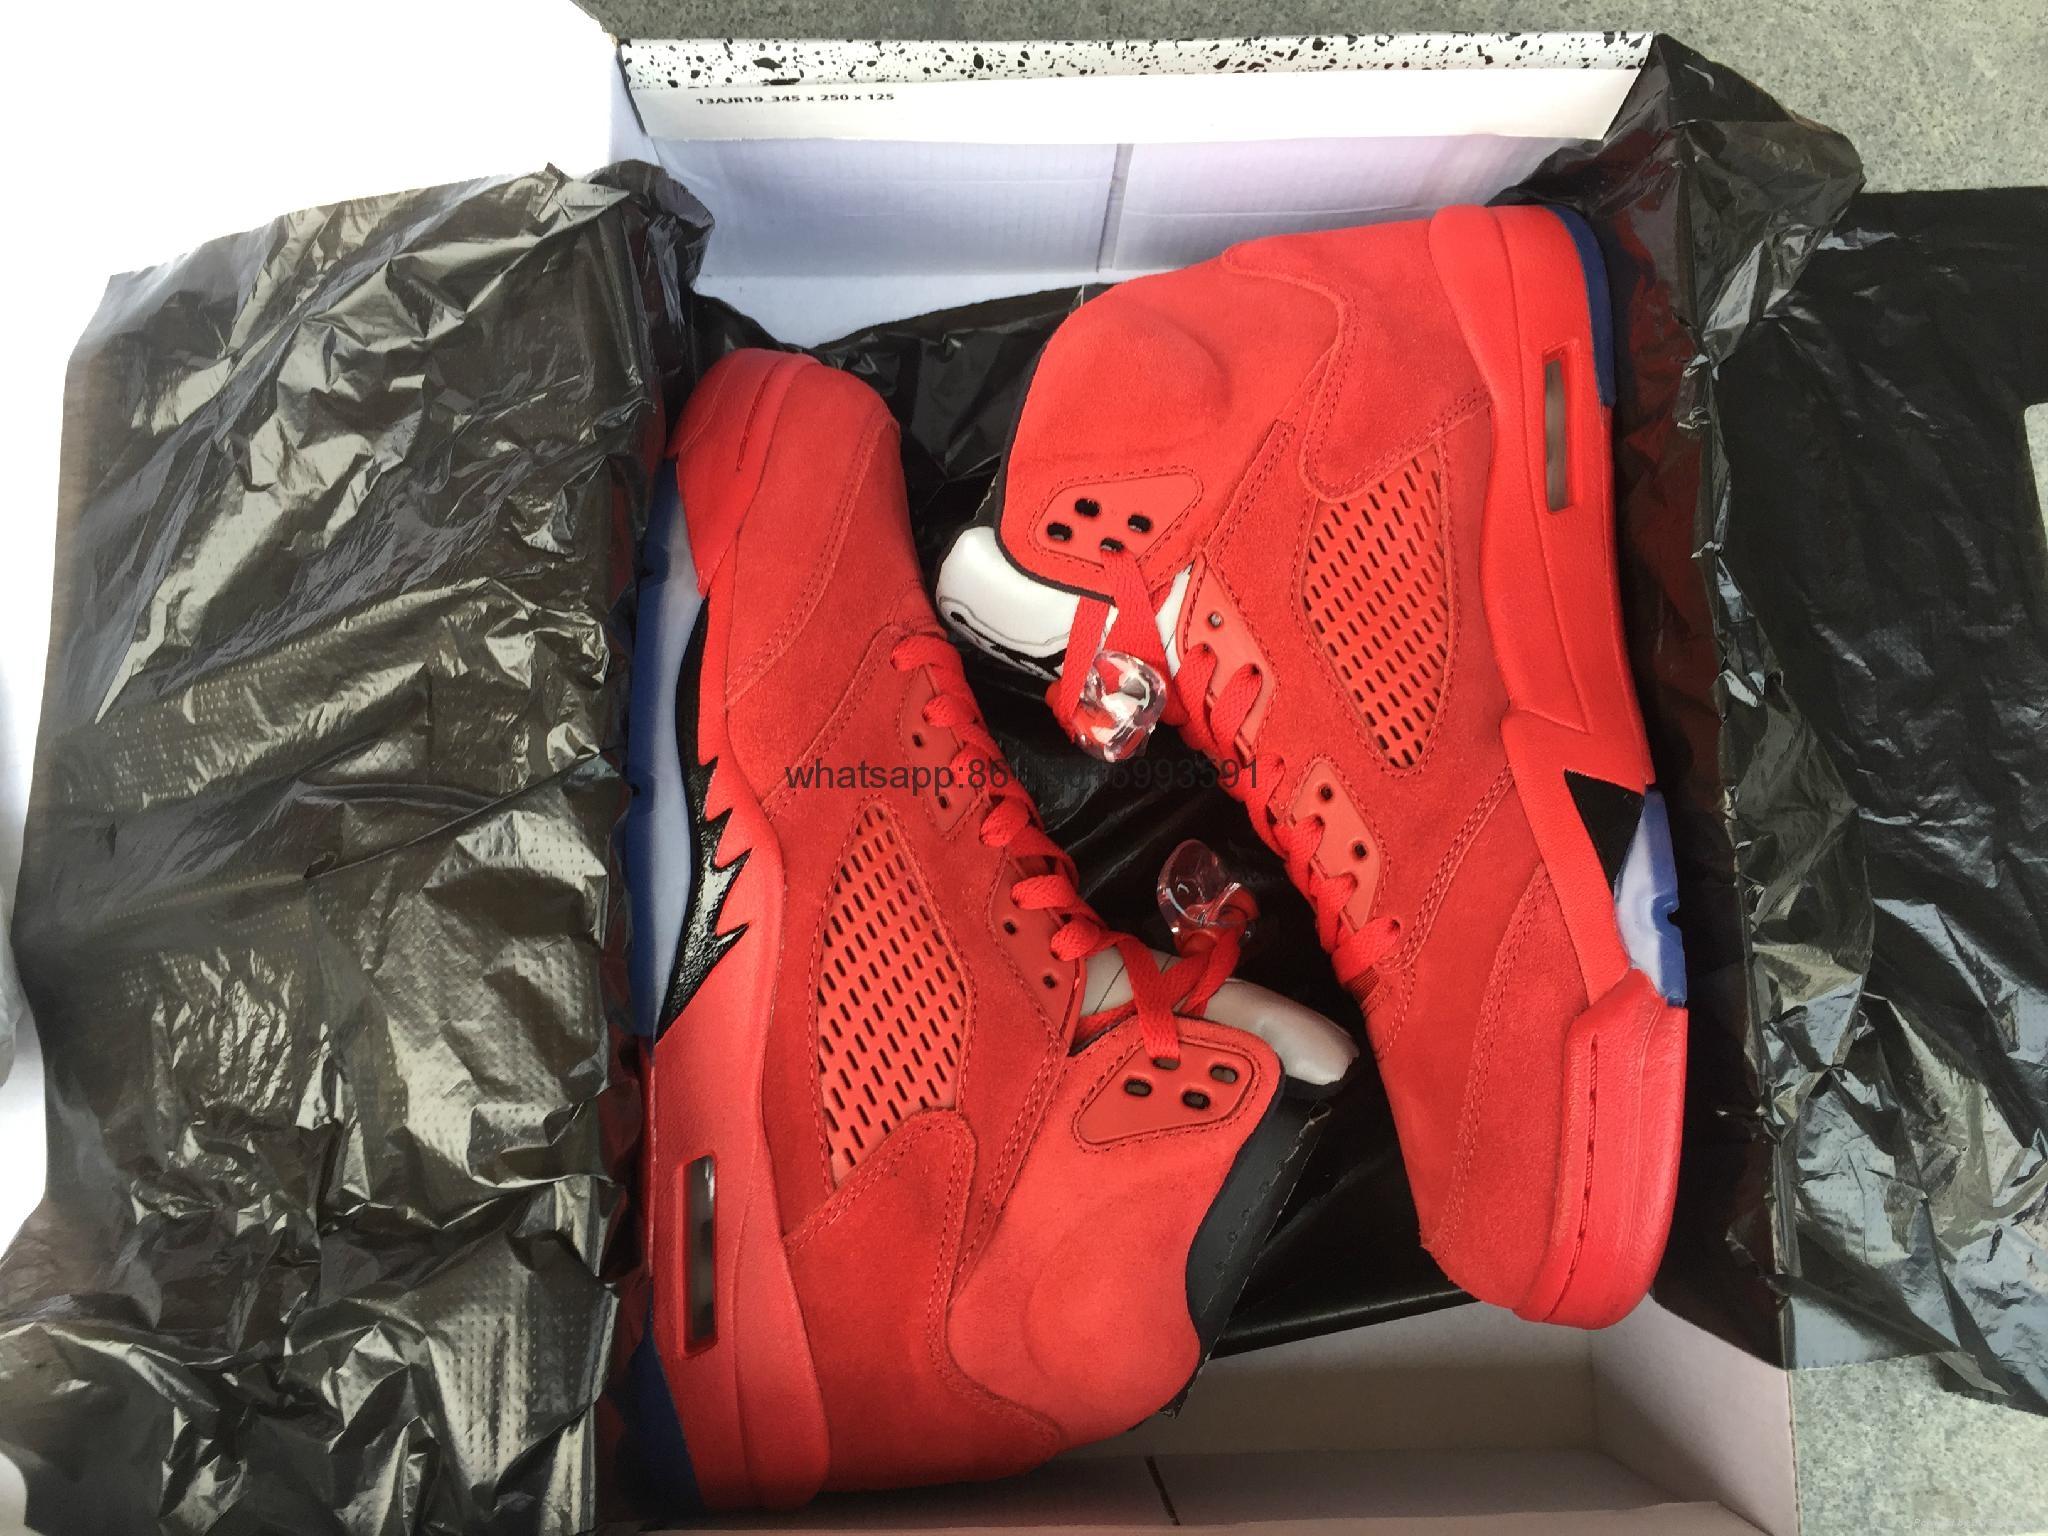 Nike air max 2018 authentic jordan sneaker original adidas yeezy wholesale hot!  2